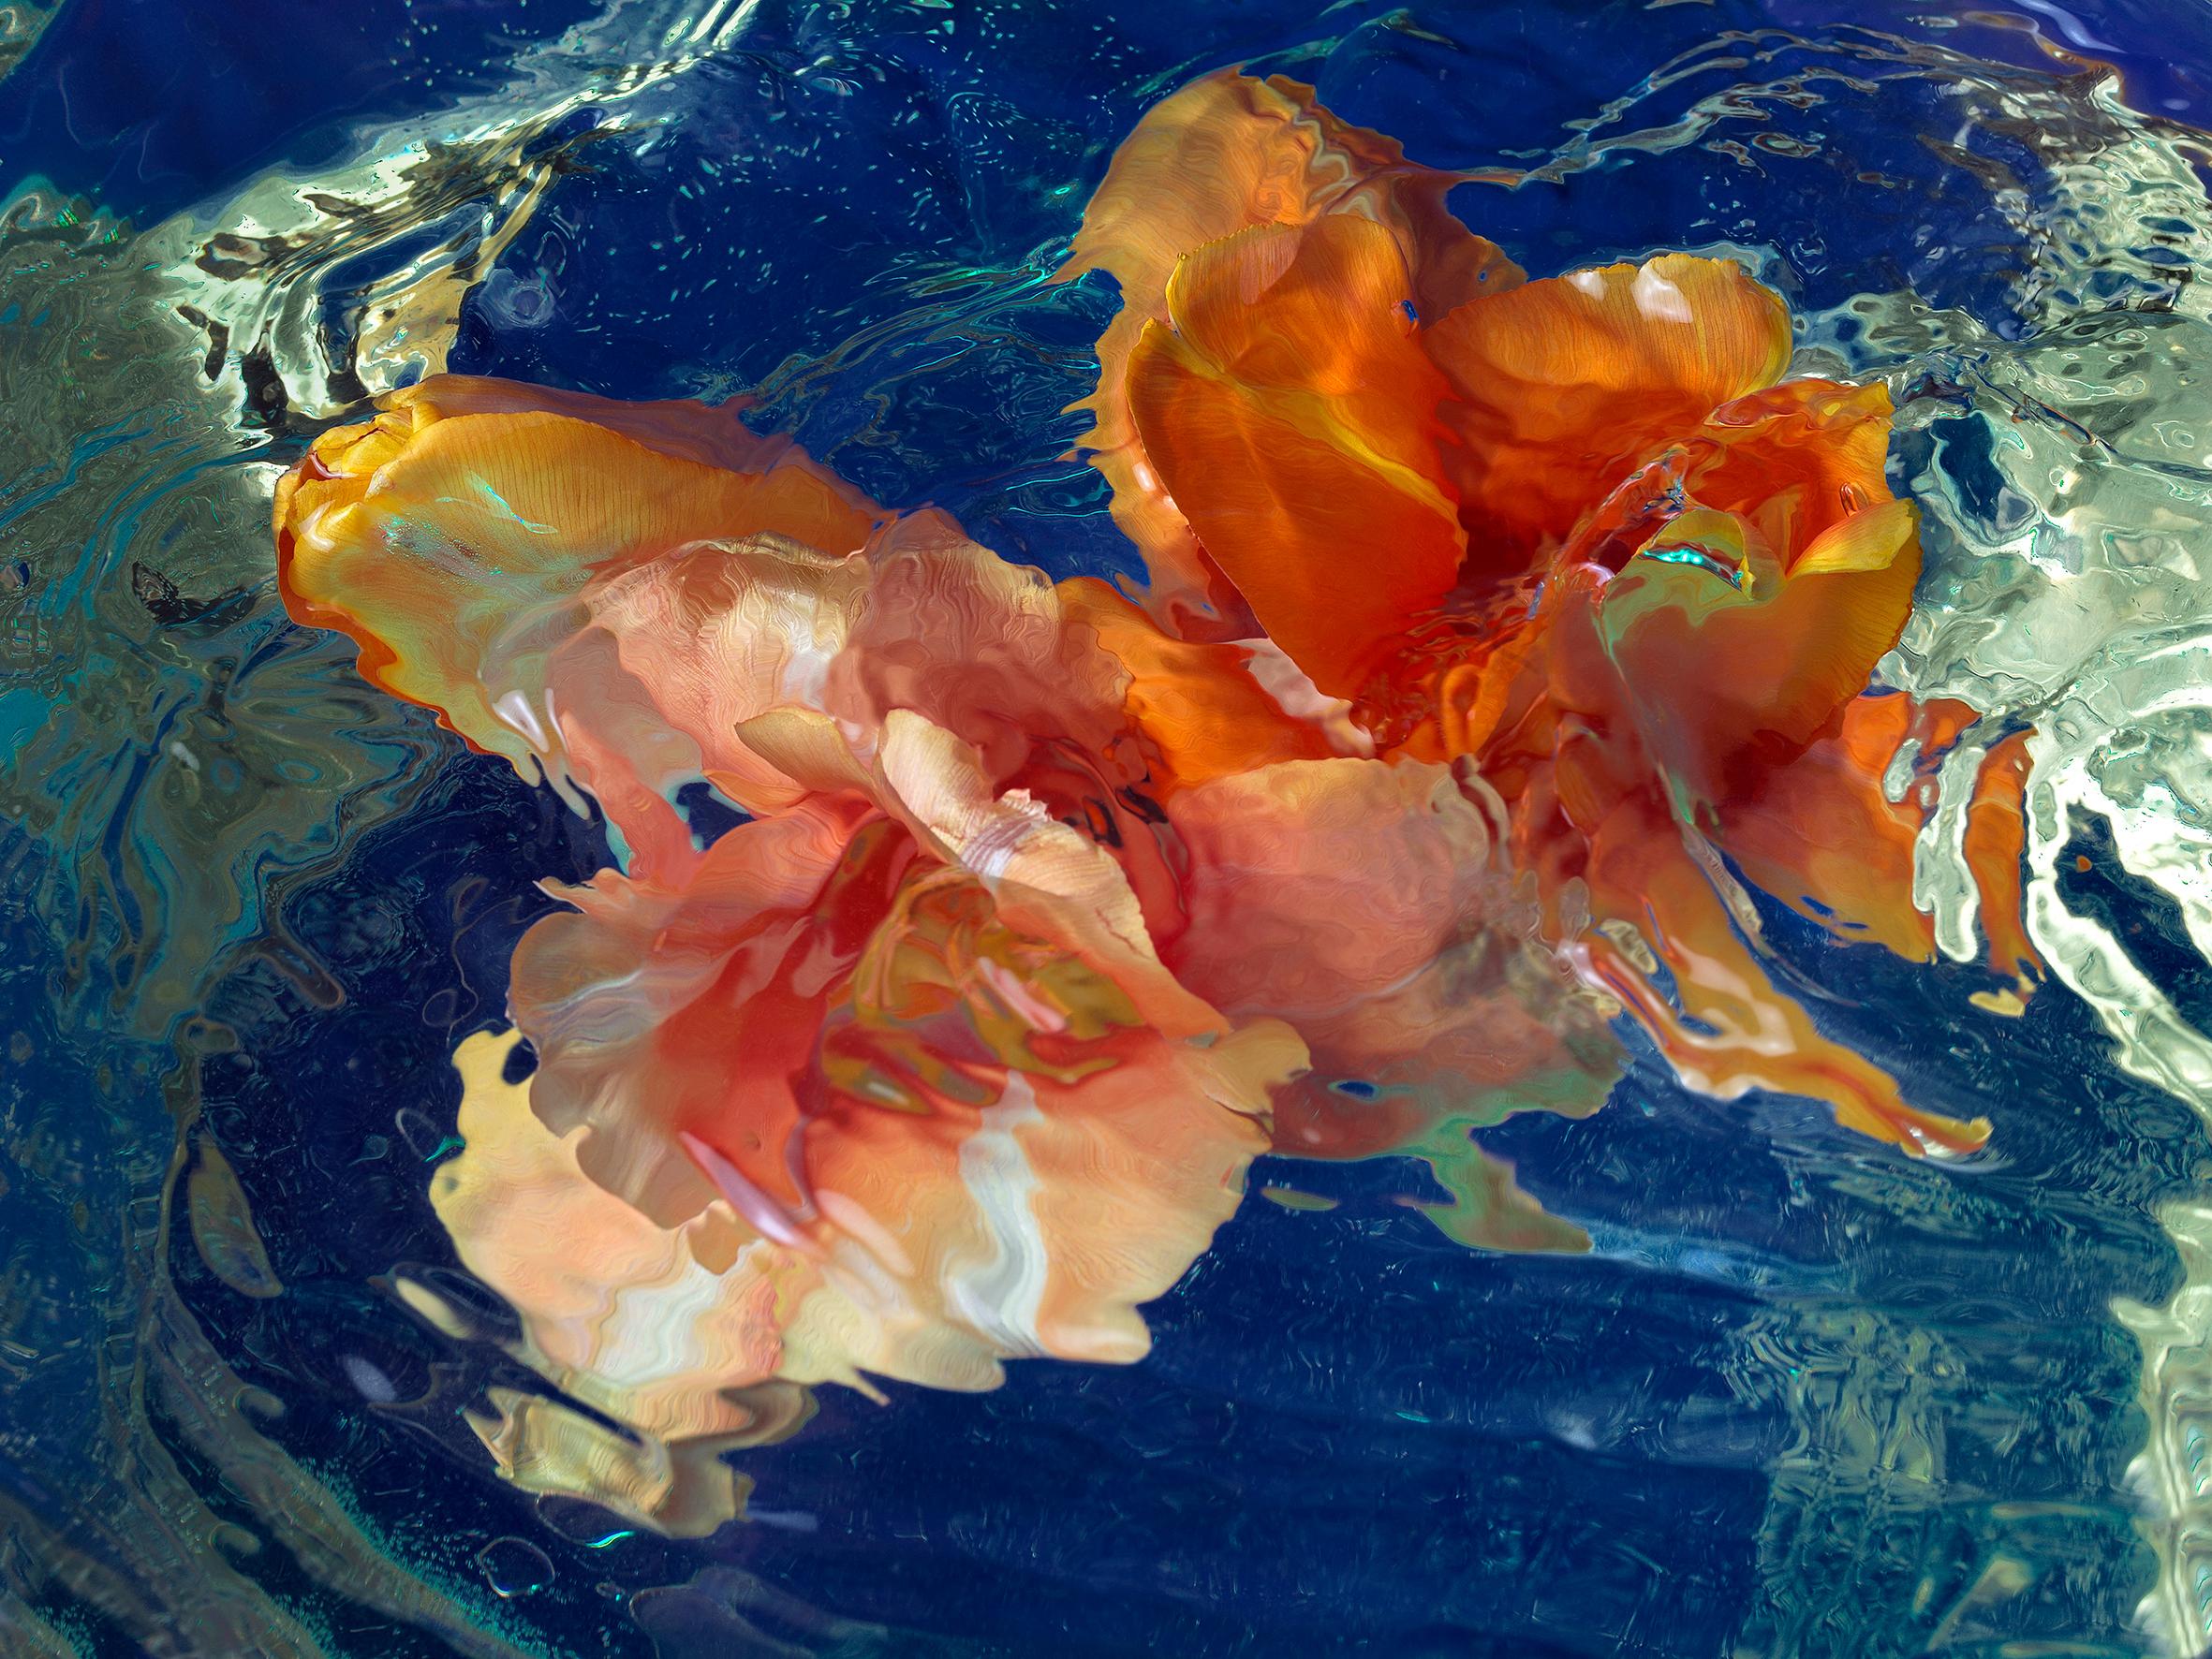 Blossom_Anna-Halm-Schudel_09_Tulpen-Blumenmeer[1]